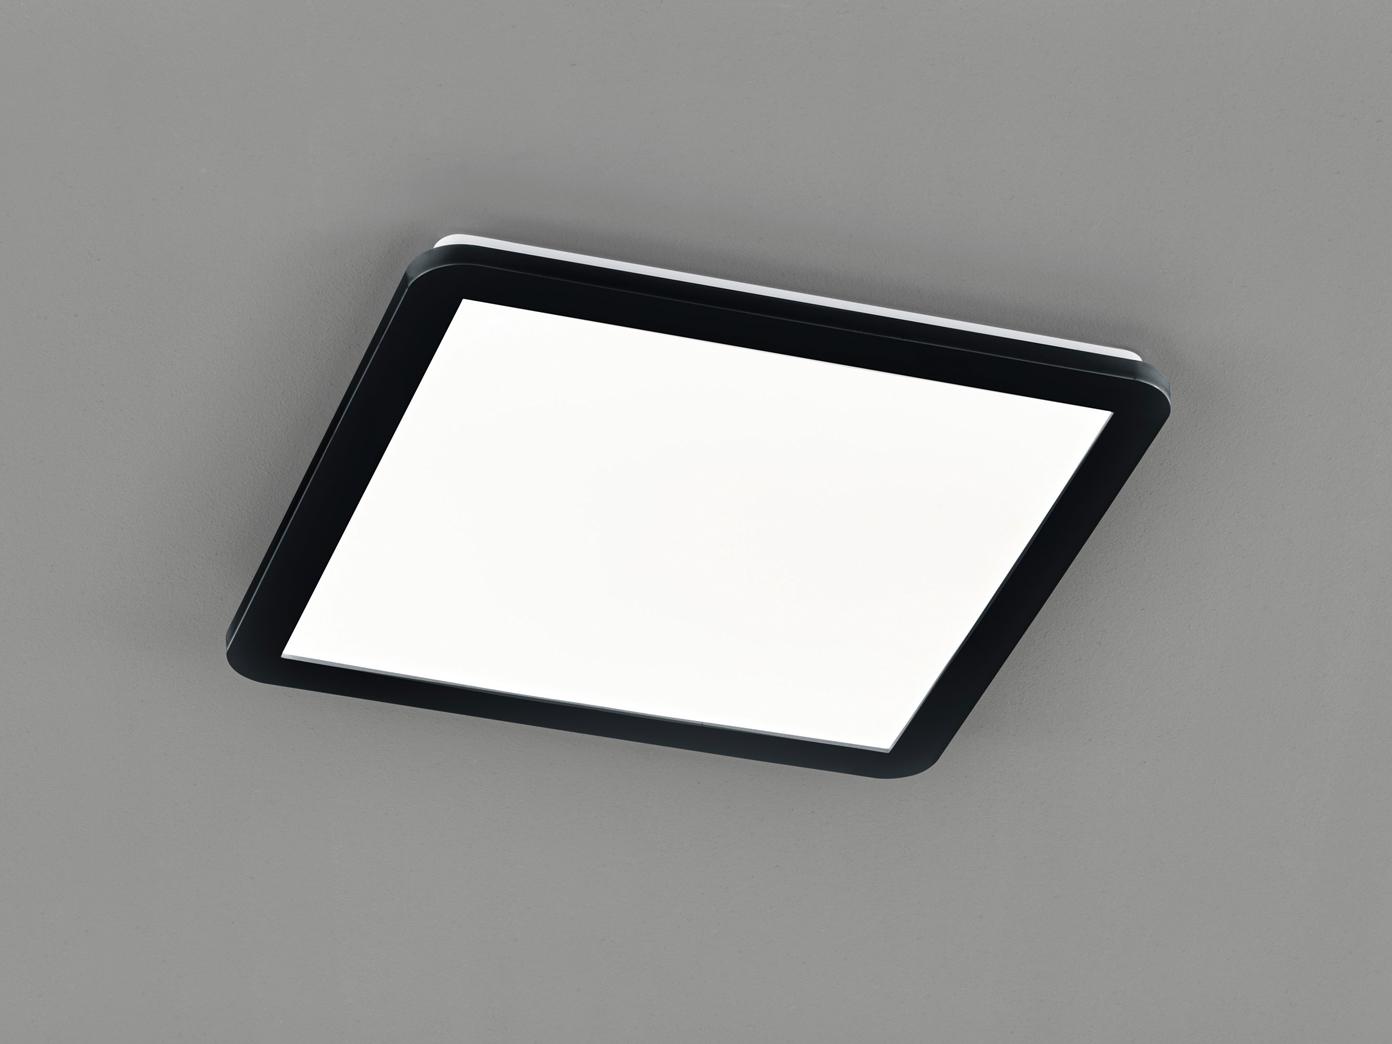 LED Deckenleuchte CAMILLUS flache Badezimmerlampe eckig 20x20cm Schwarz IP20